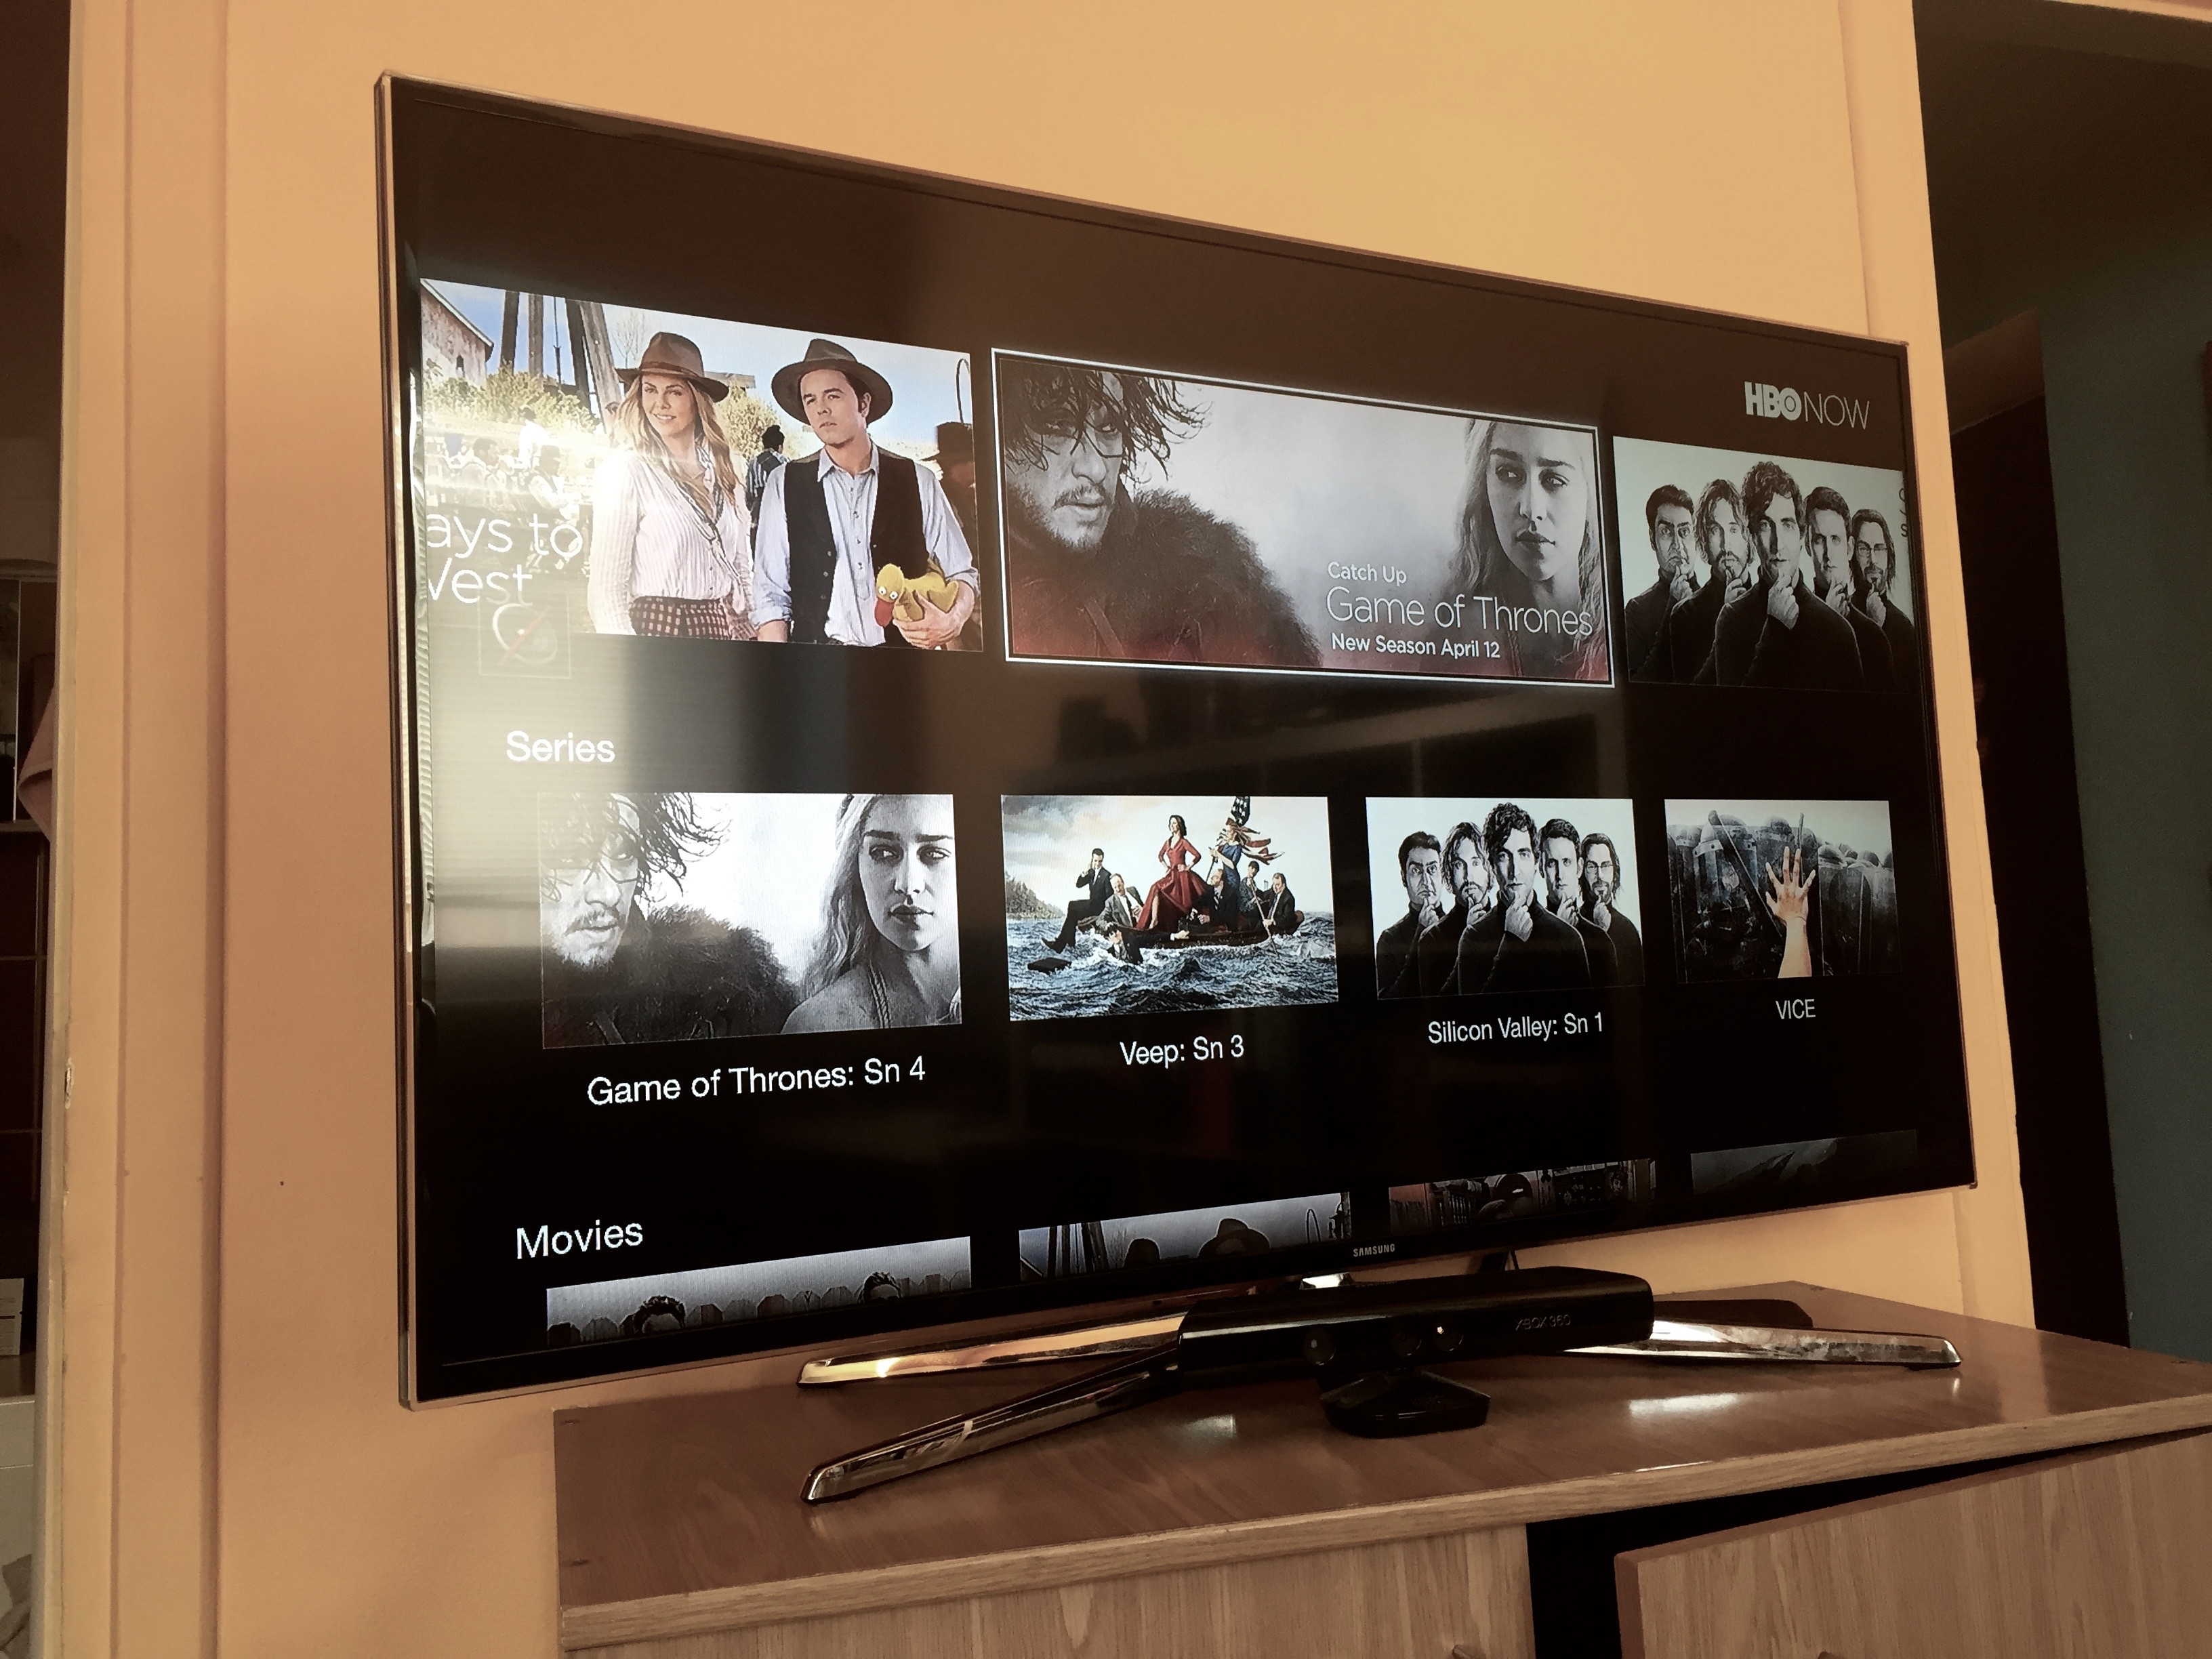 HBO Now działa już w Polsce, potrzebna jest tylko wirtualna przeprowadzka do USA – pierwsze wrażenia Spider's Web